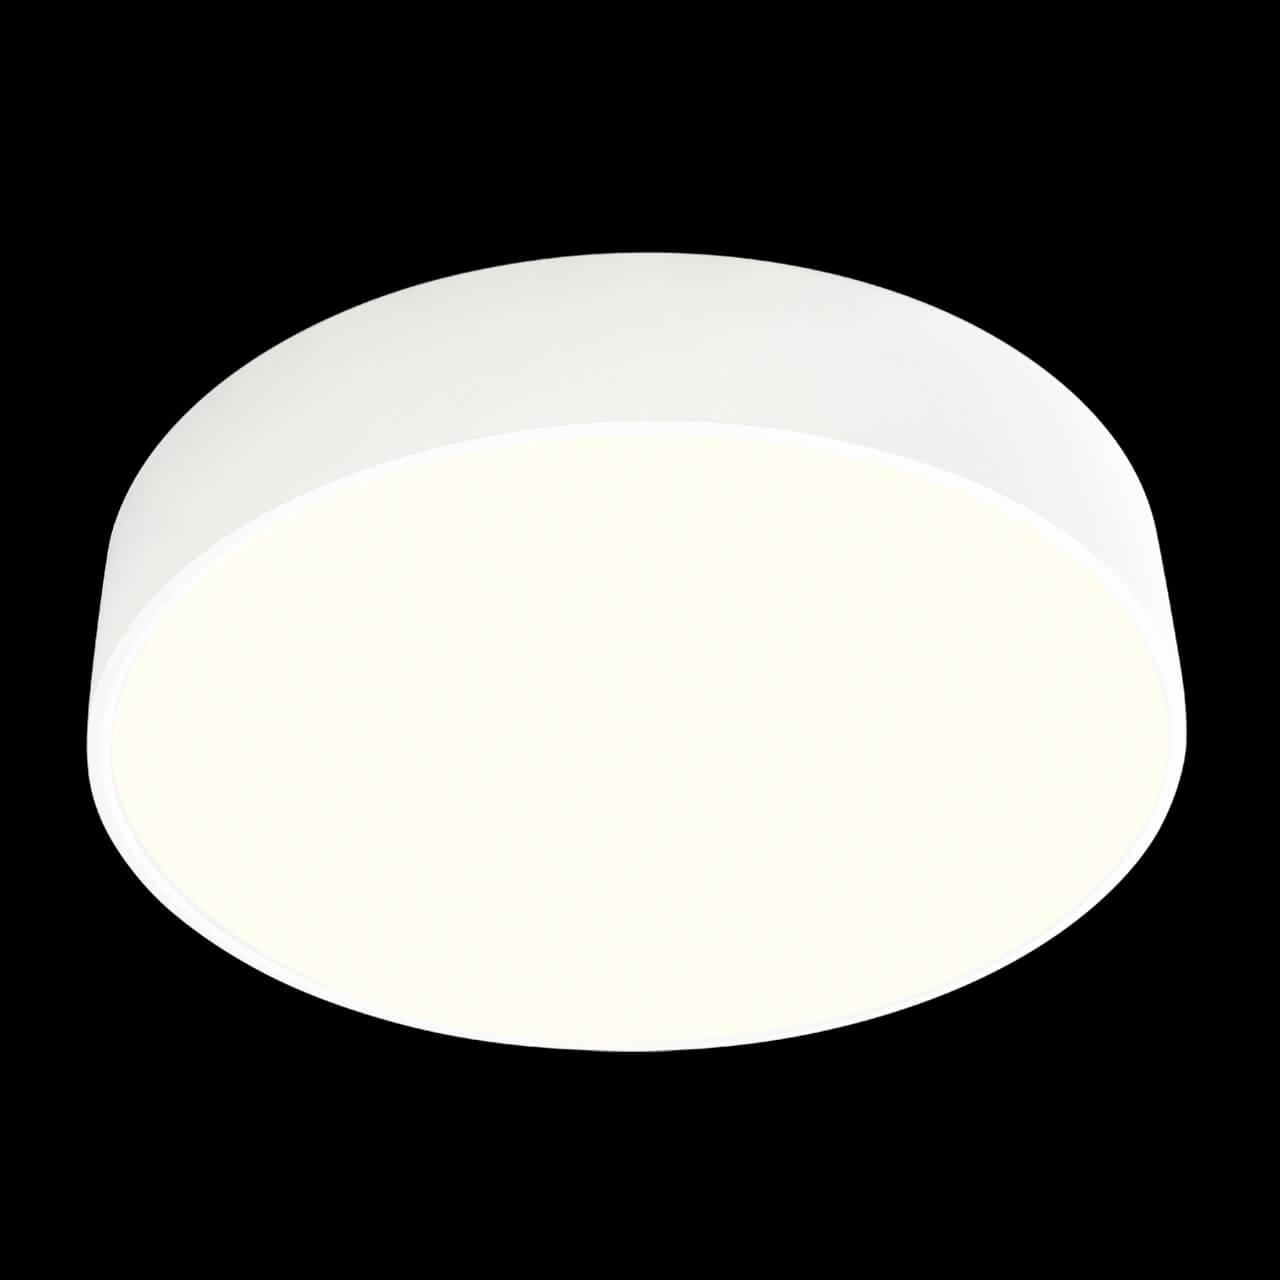 Потолочный светодиодный светильник Mantra Cumbuco 6151 подвесной светодиодный светильник mantra cumbuco 5503 5517